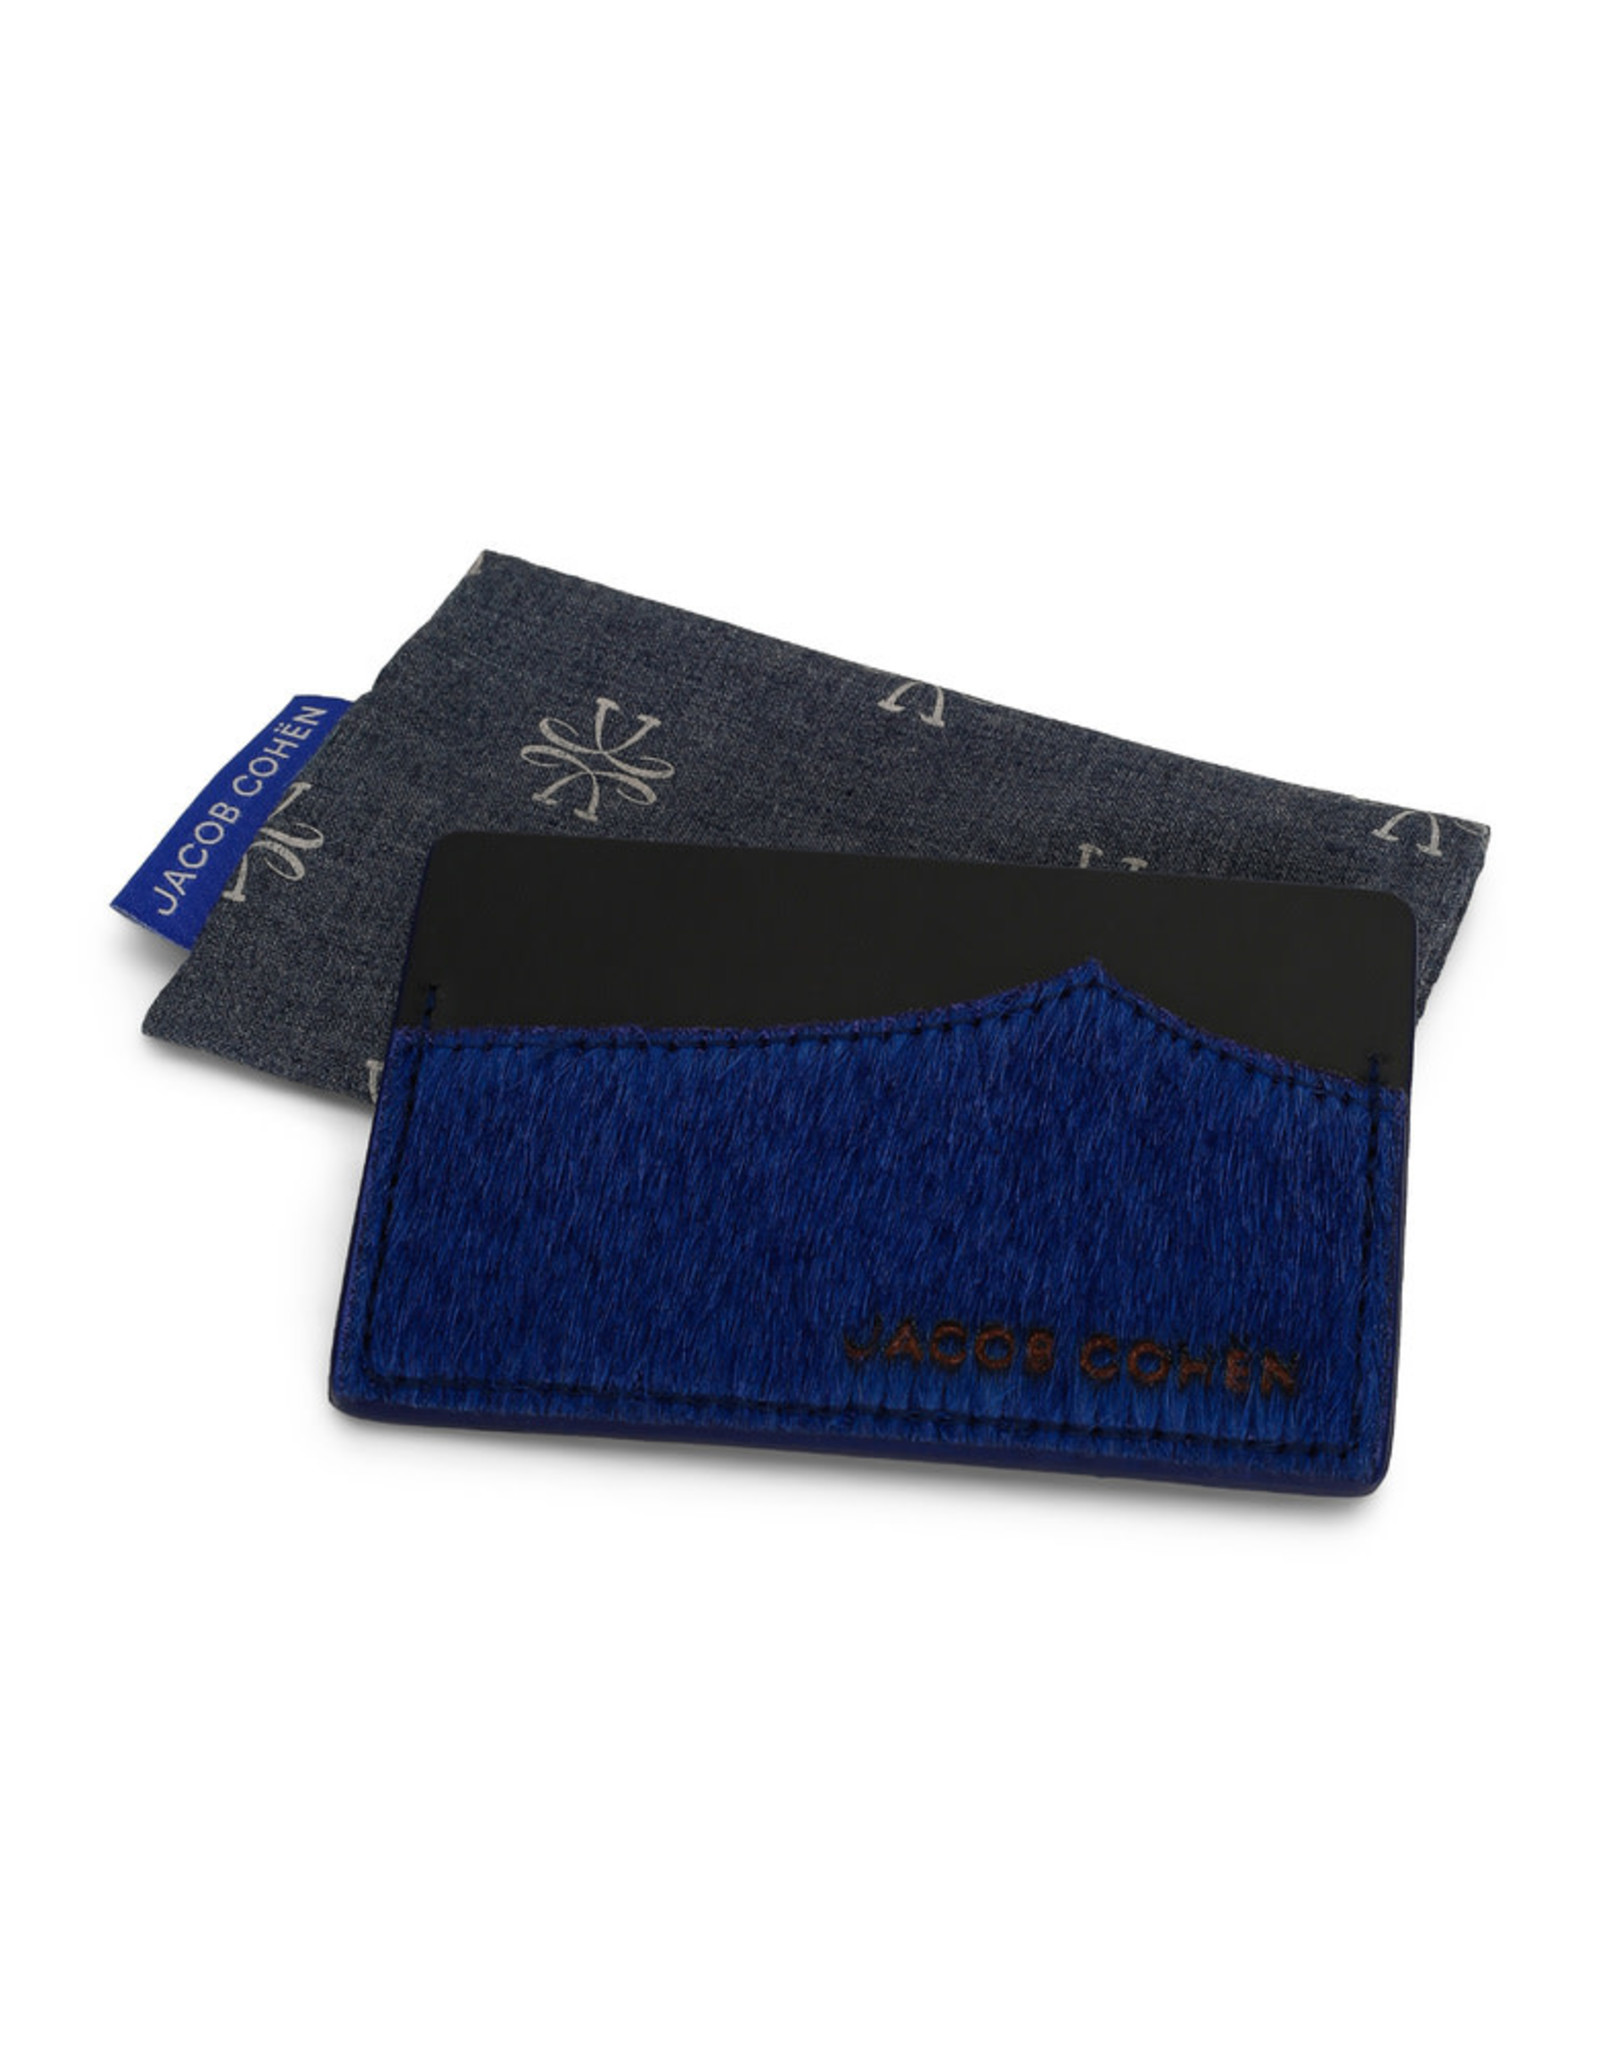 JACOB COHEN JACOB COHEN Porte carte BLUE